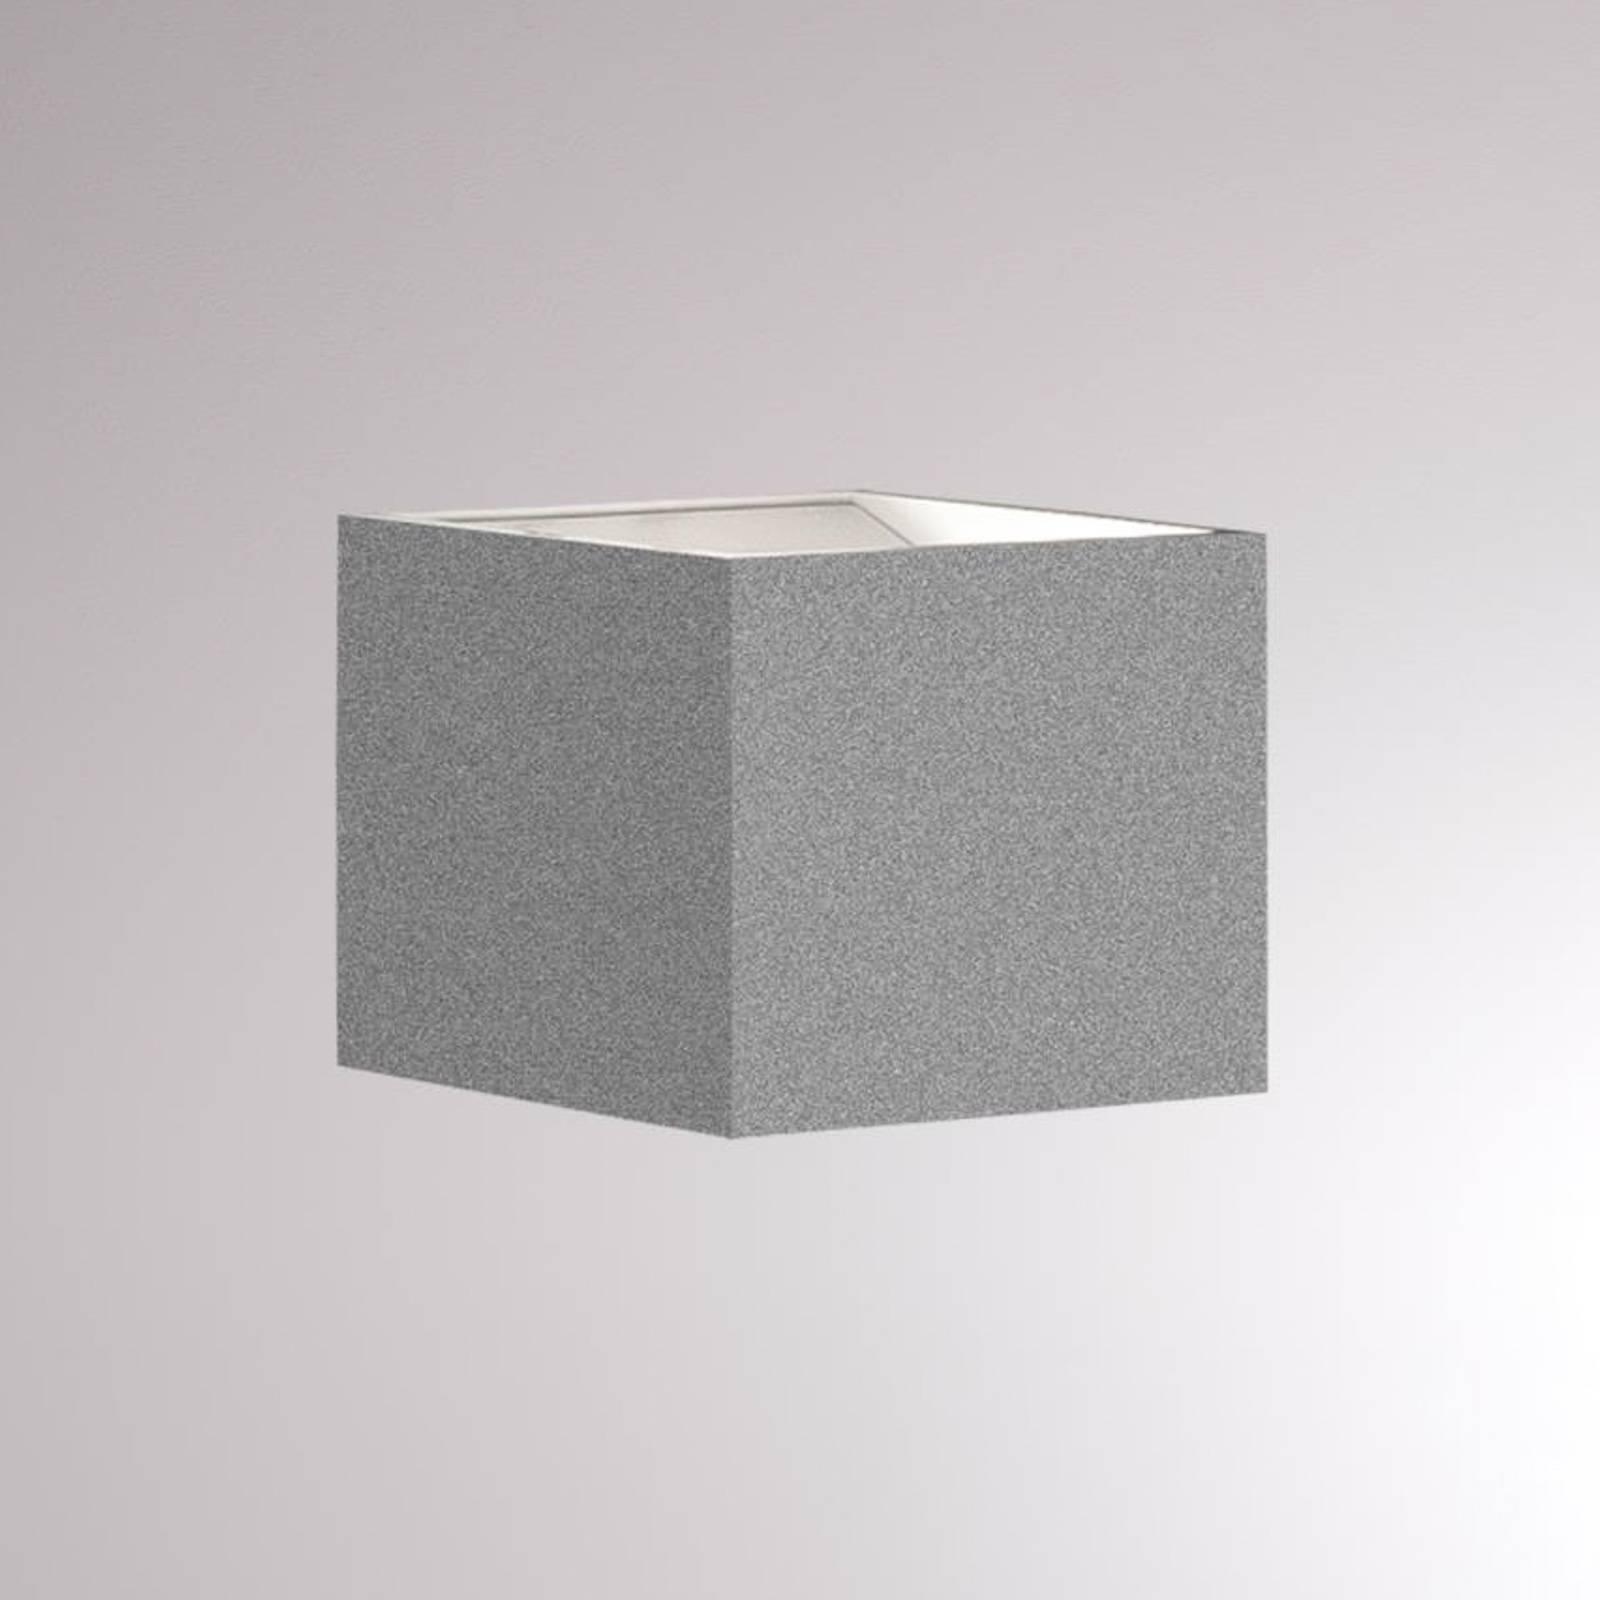 LOUM Foro -LED-seinävalaisin 2 700 K, 7 cm, hopea